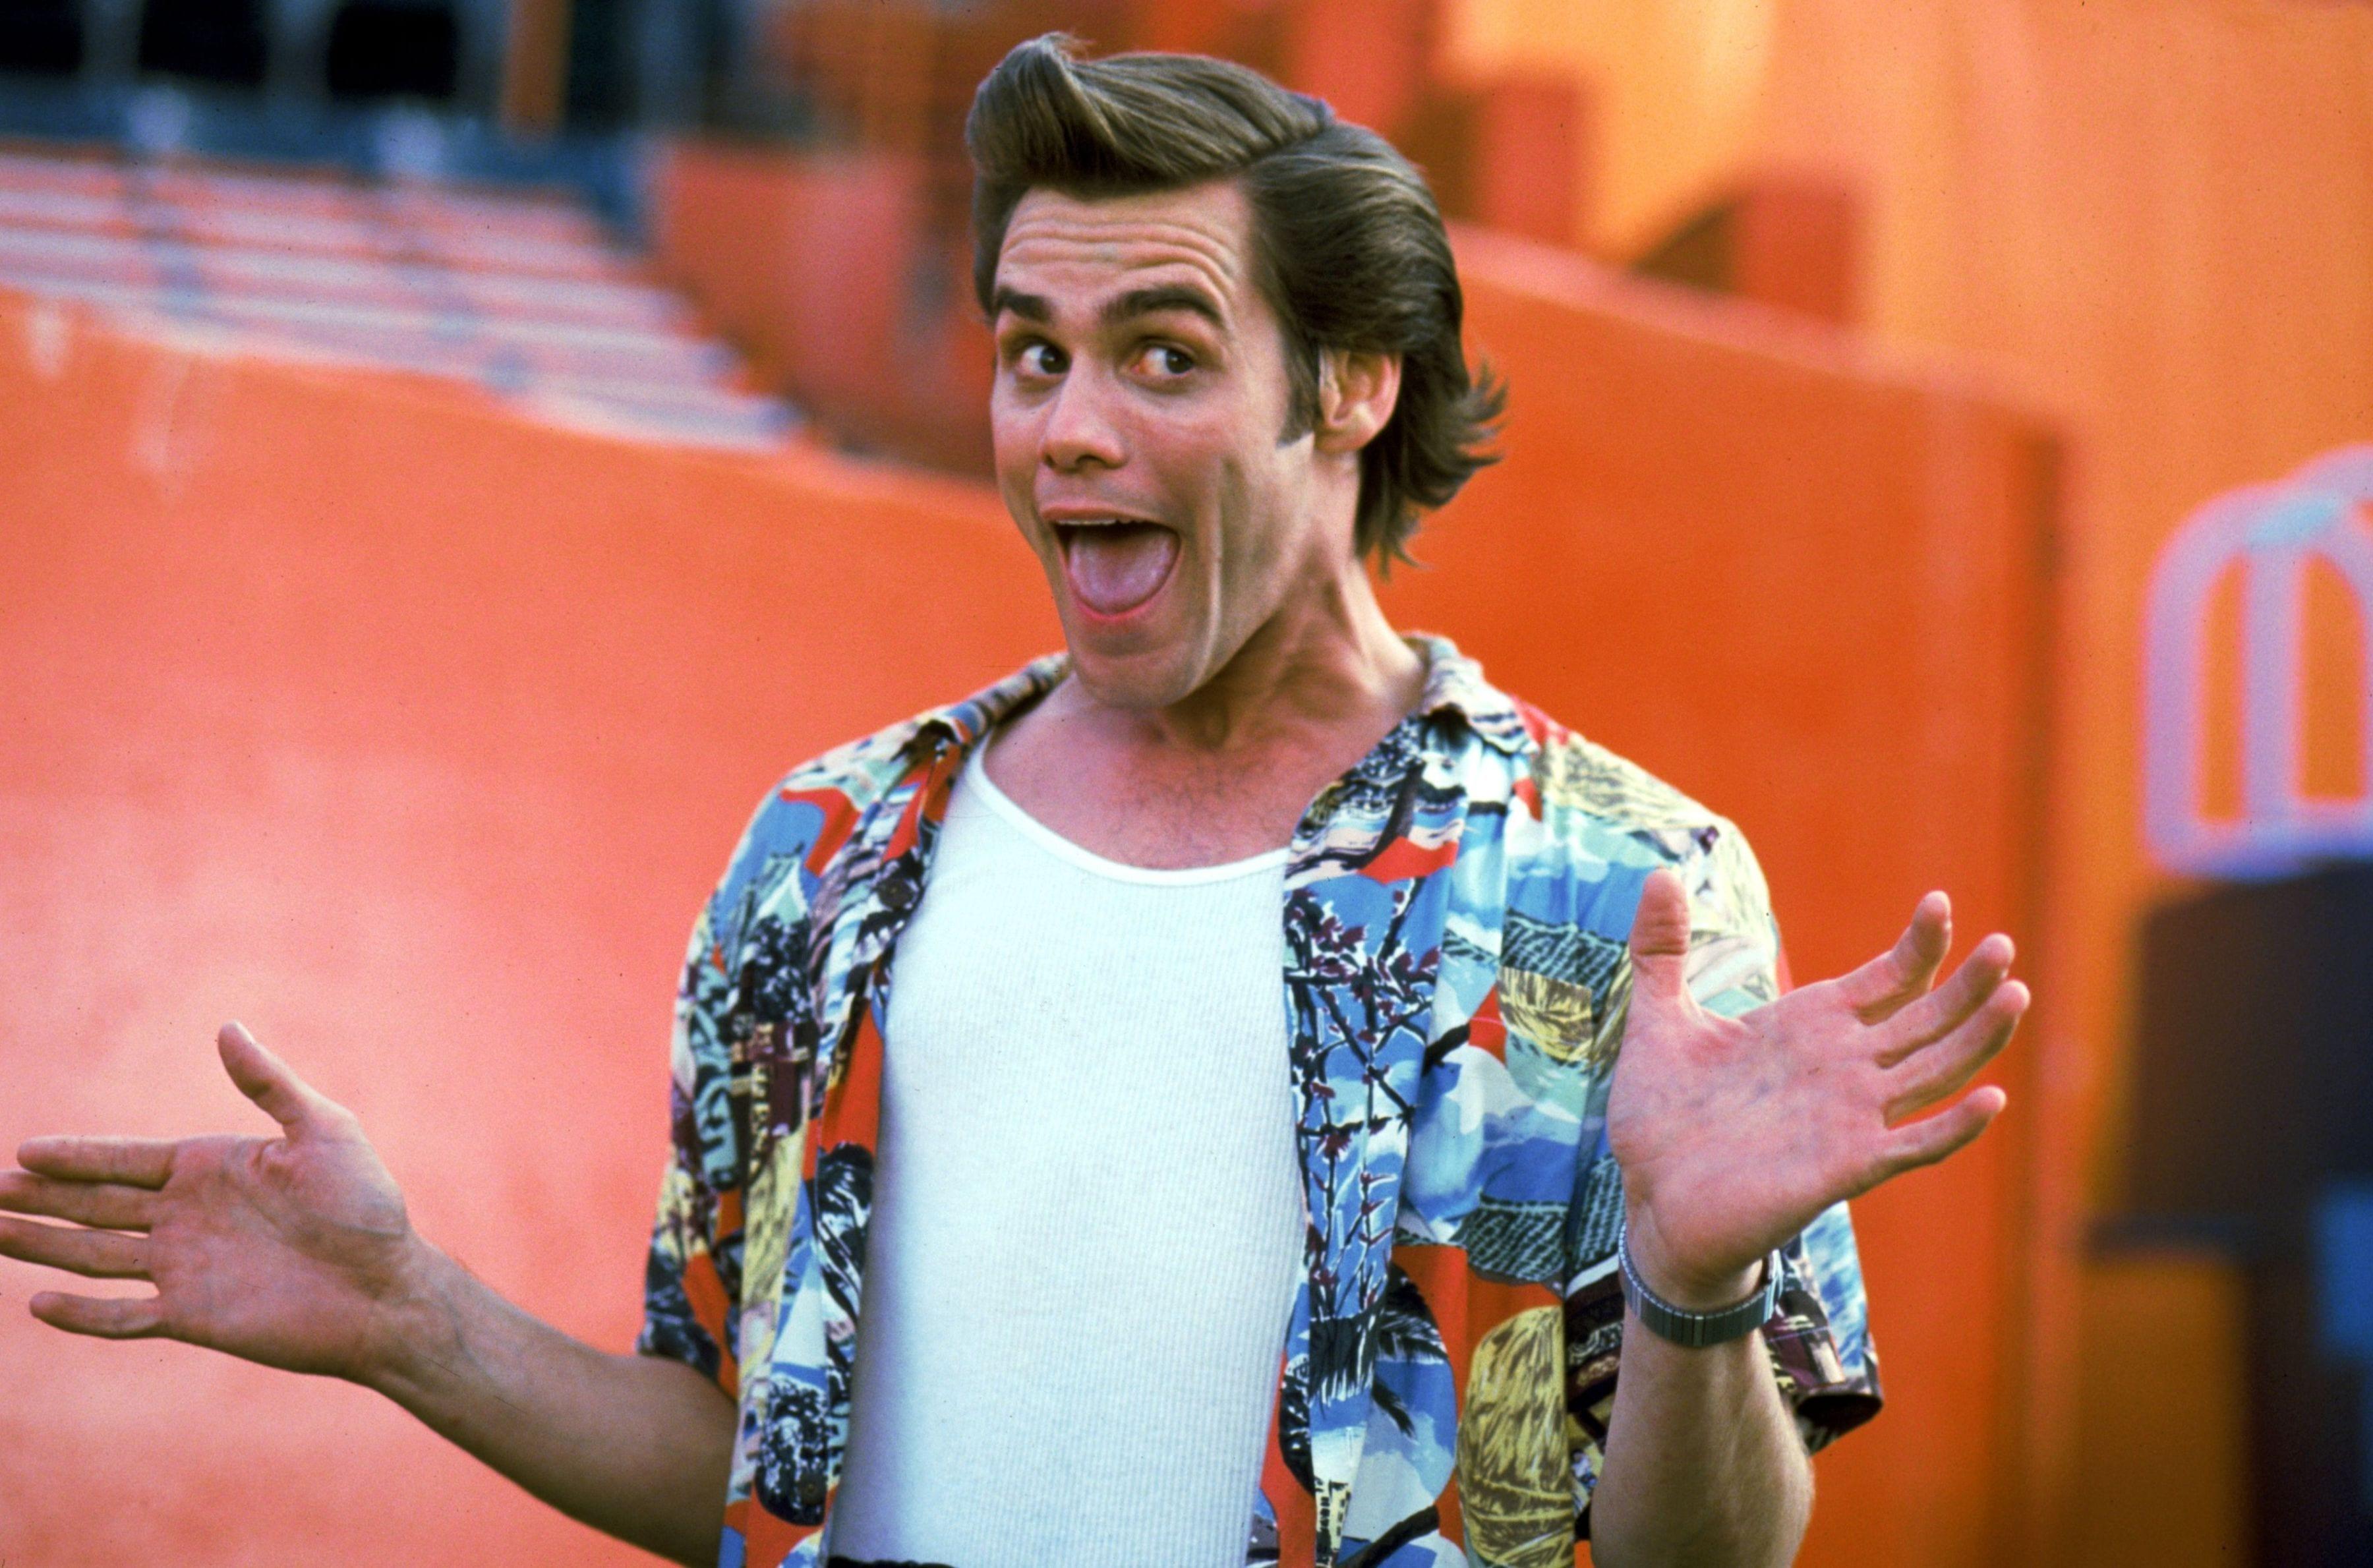 Viața lui Jim Carrey: de la puștiul care trăia într-un van și s-a angajat la 15 ani ca paznic, la actorul de succes de astăzi - LIFE.ro